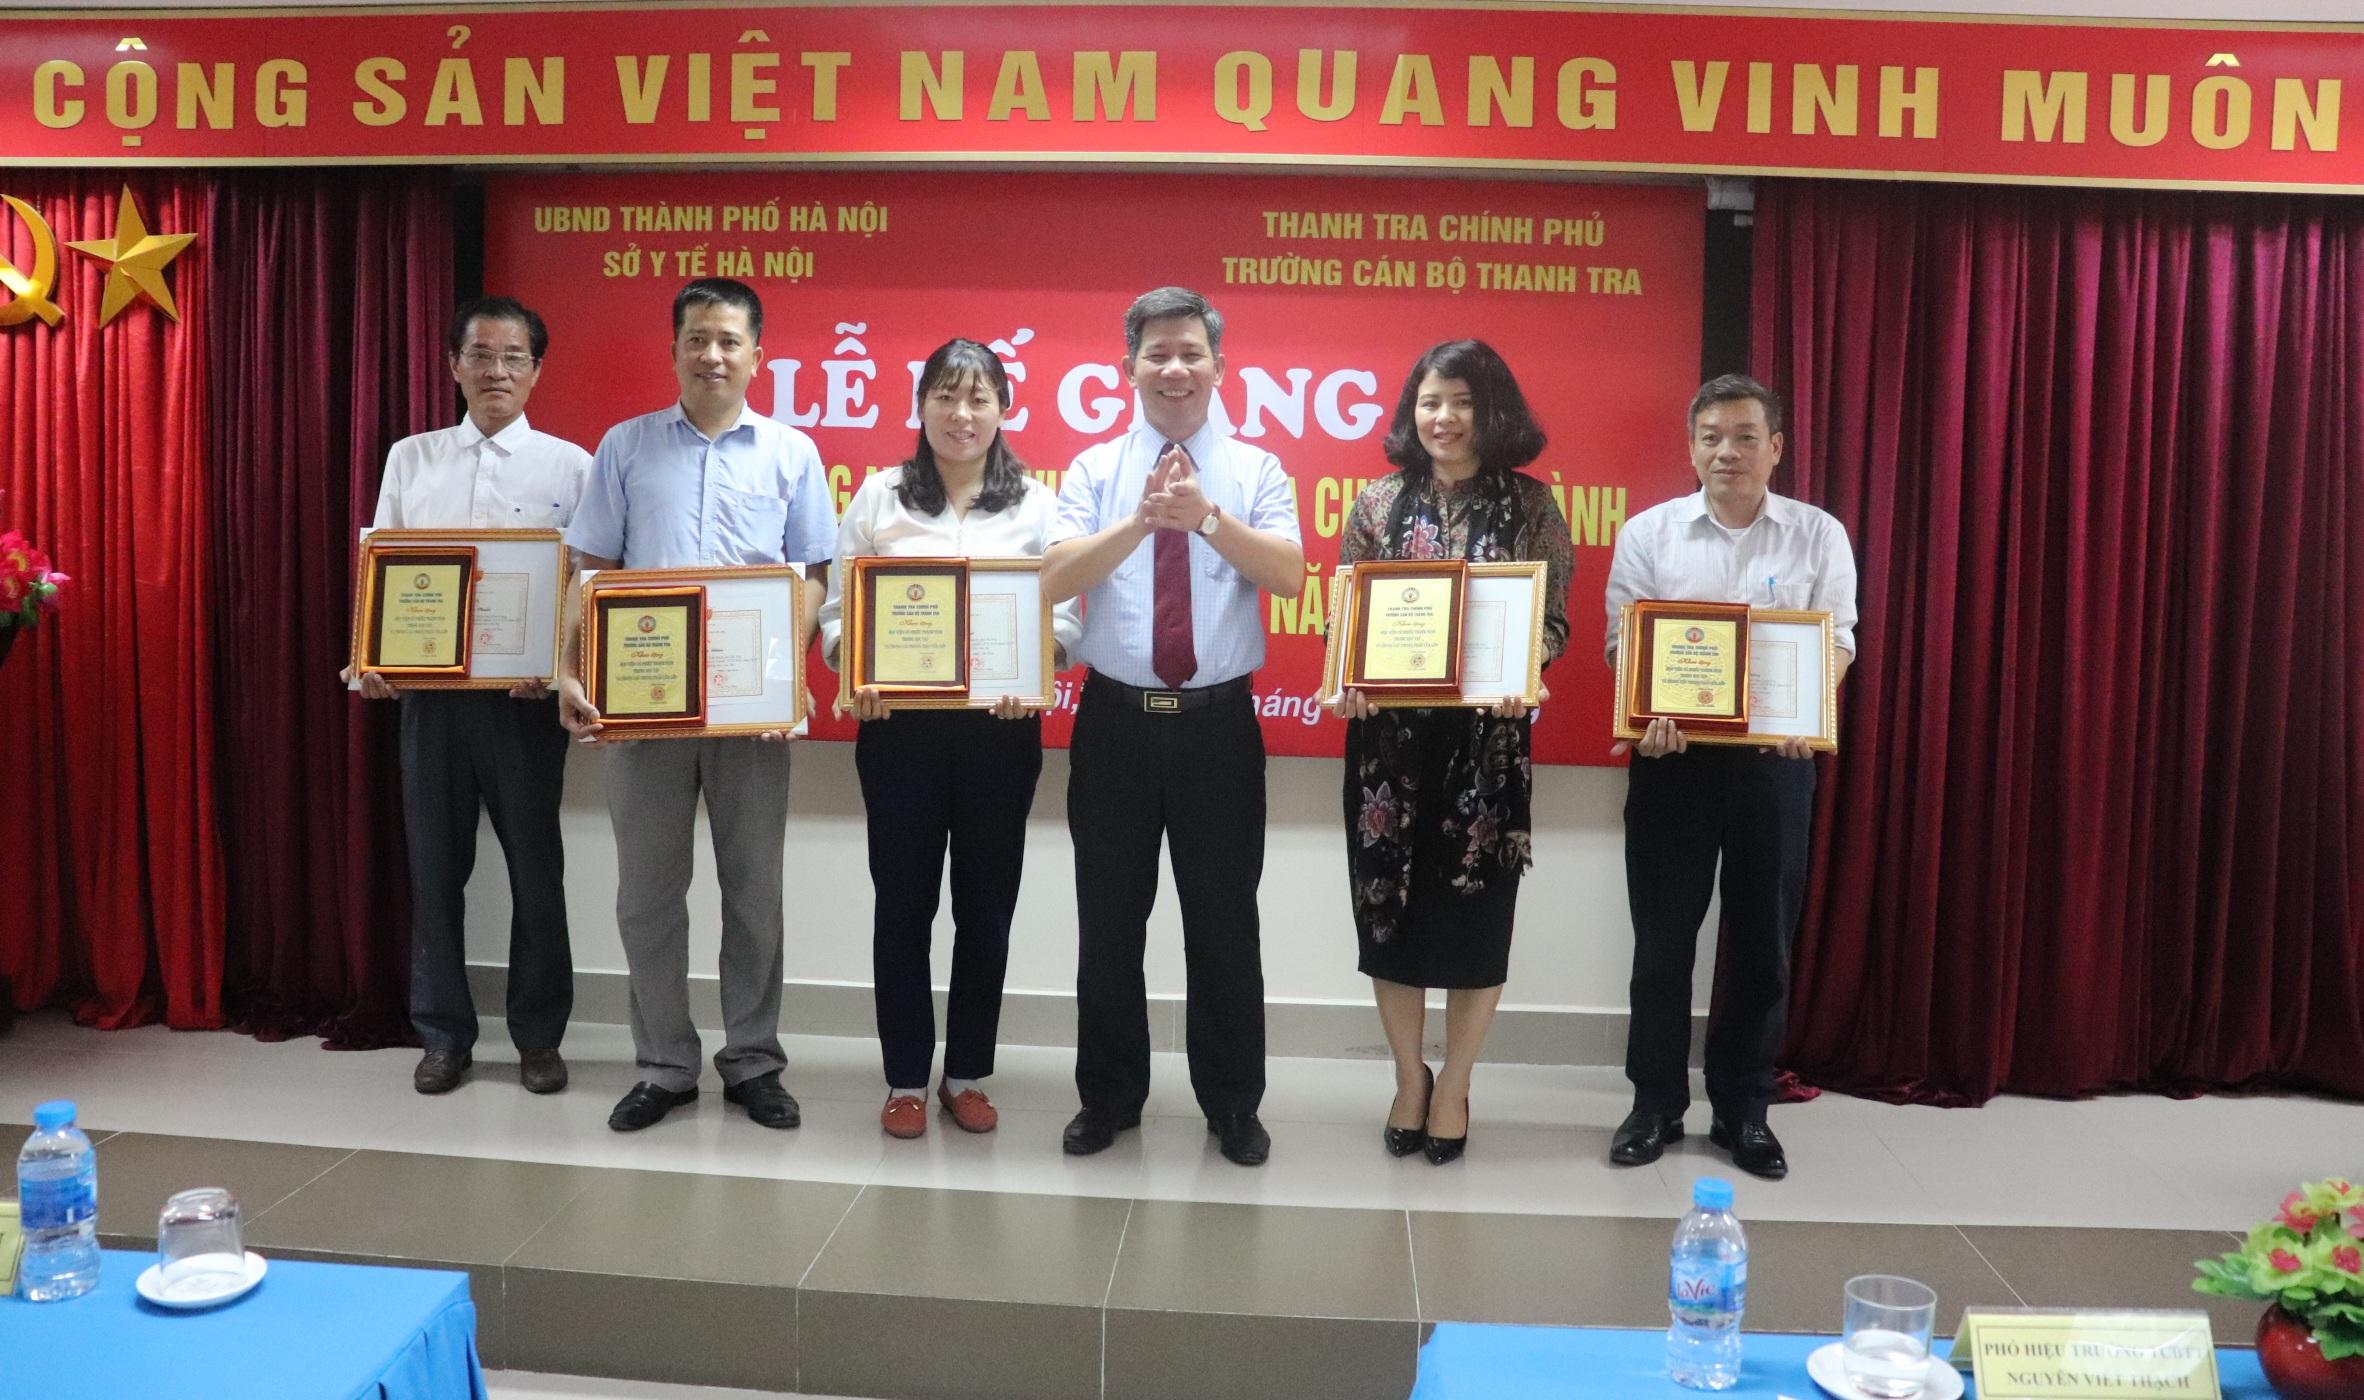 Ông Nguyễn Viết Thạch PHT nhà trường trao giấy khen cho học viên